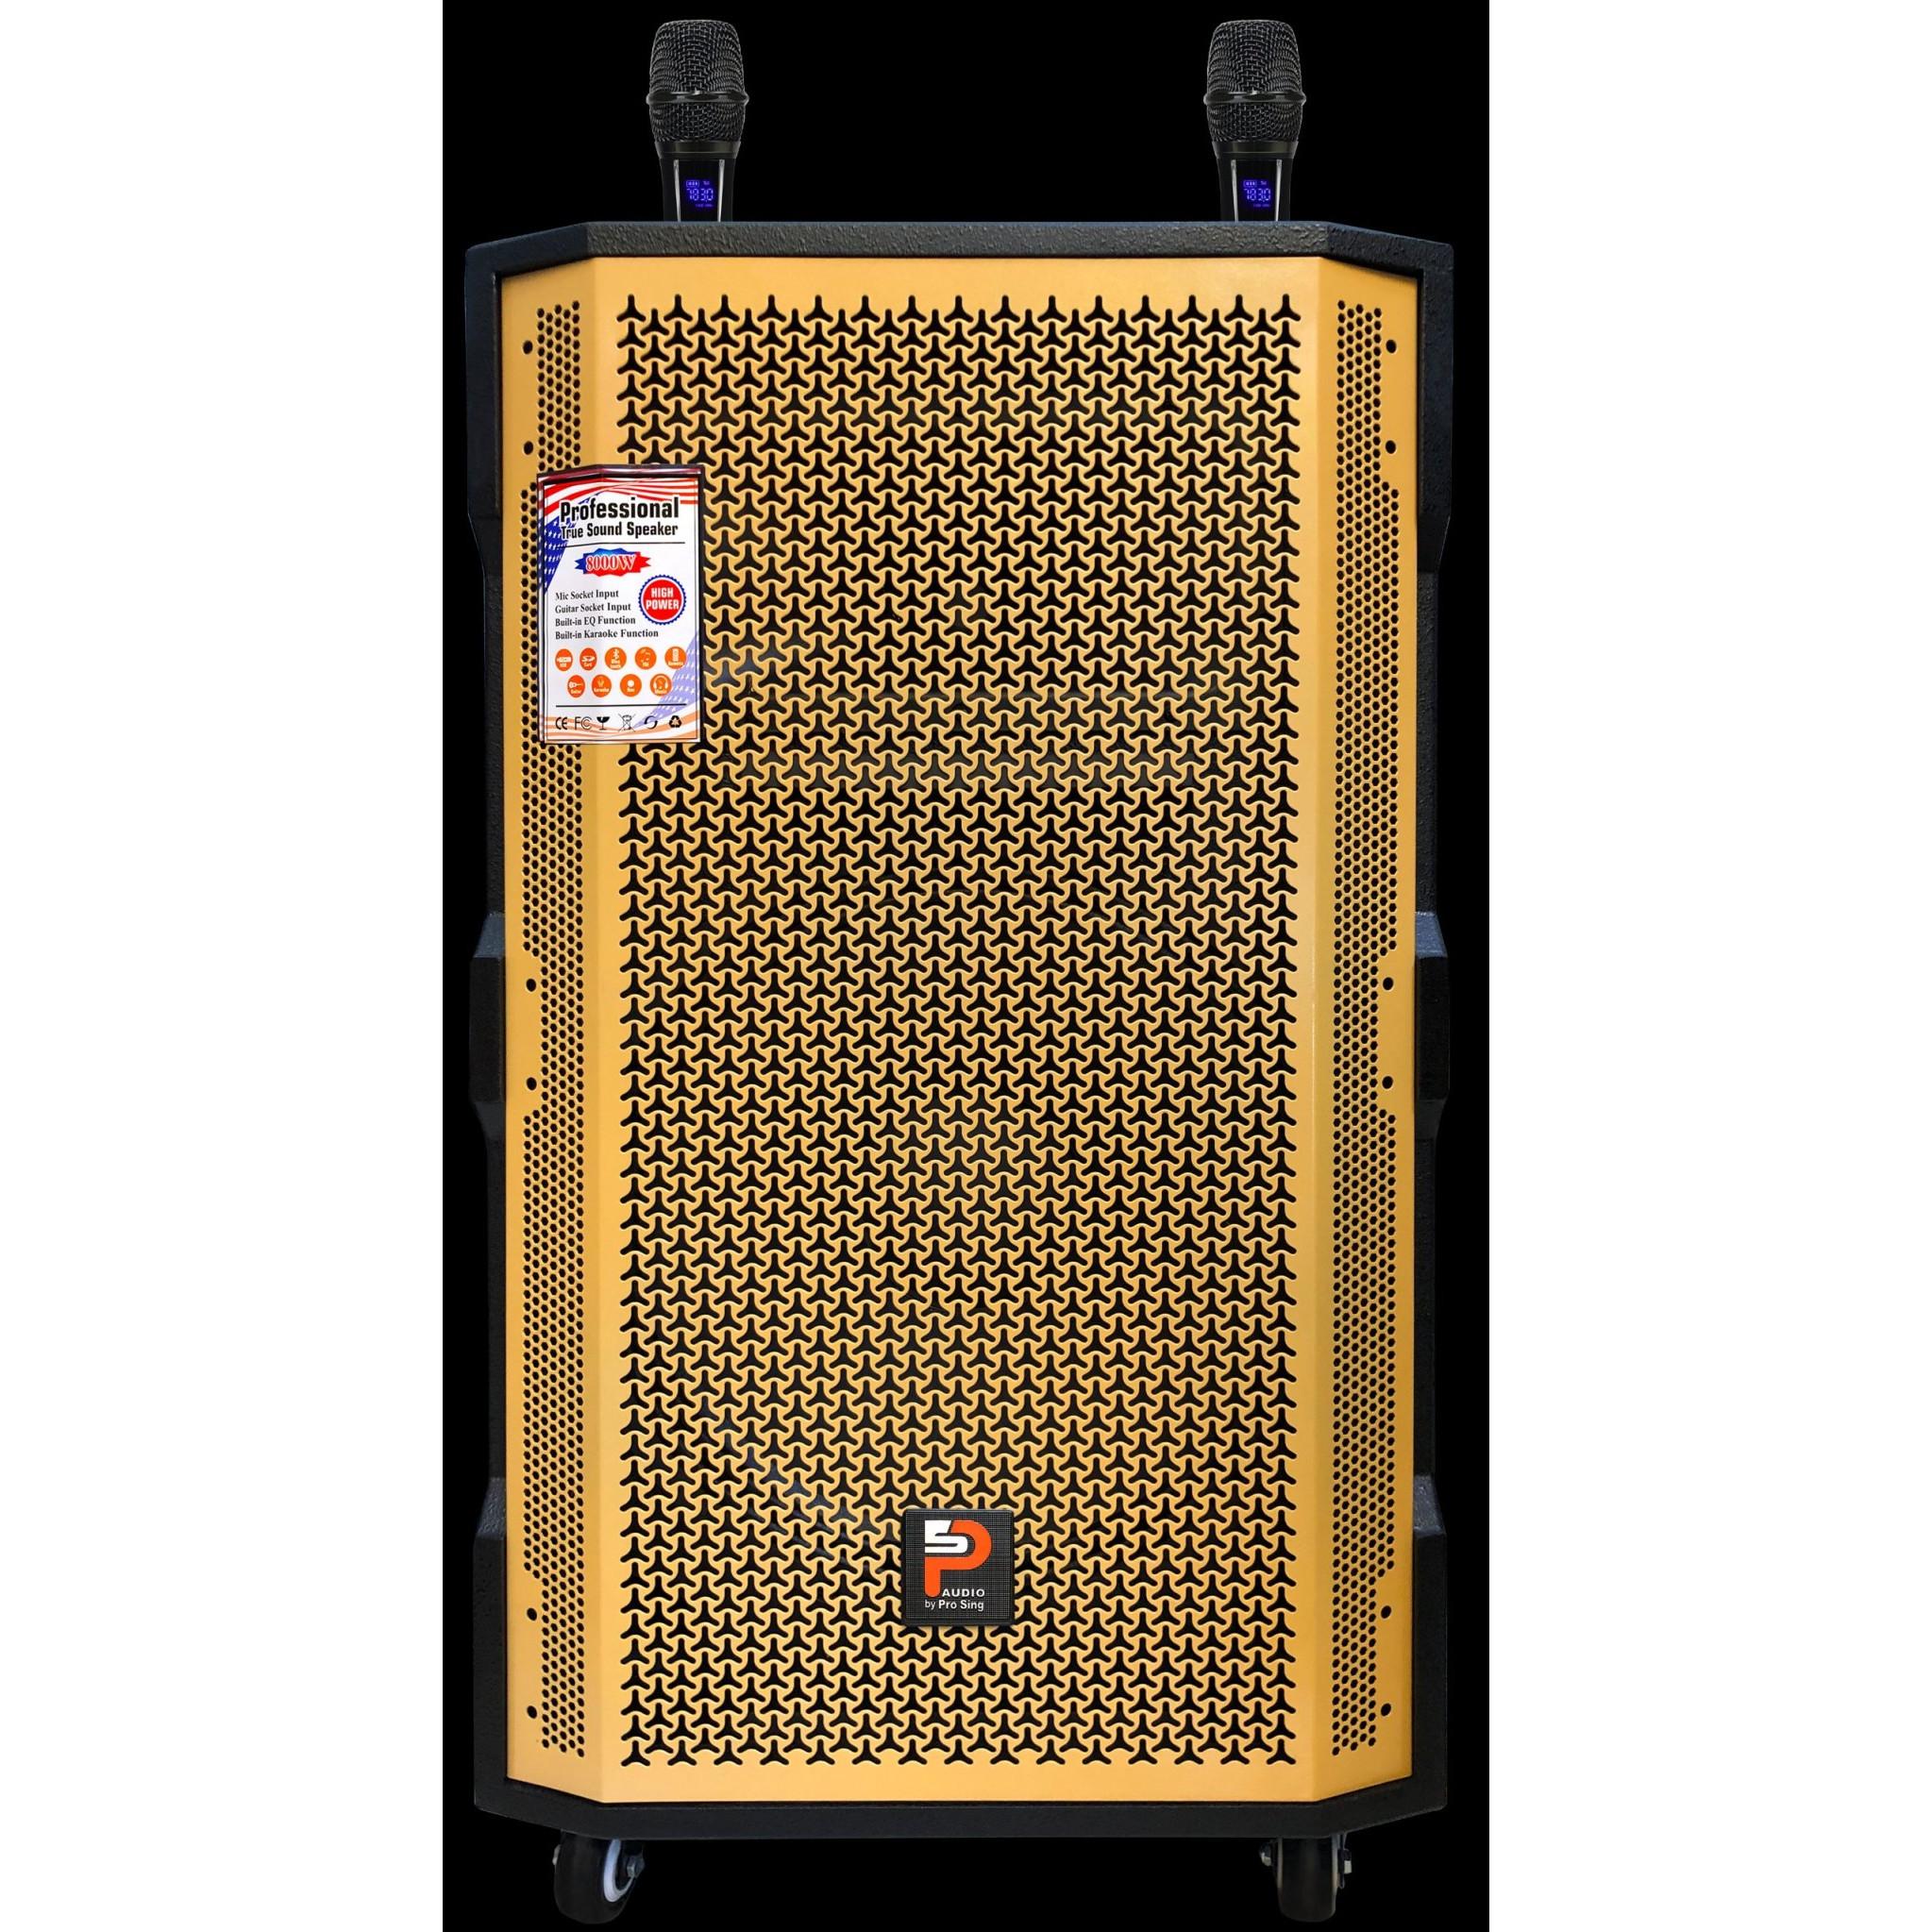 Loa Karaoke di động Bluetooth Prosing W-15 Super Vàng/Xám tặng kèm 2Mic hợp kim - Hàng chính hãng